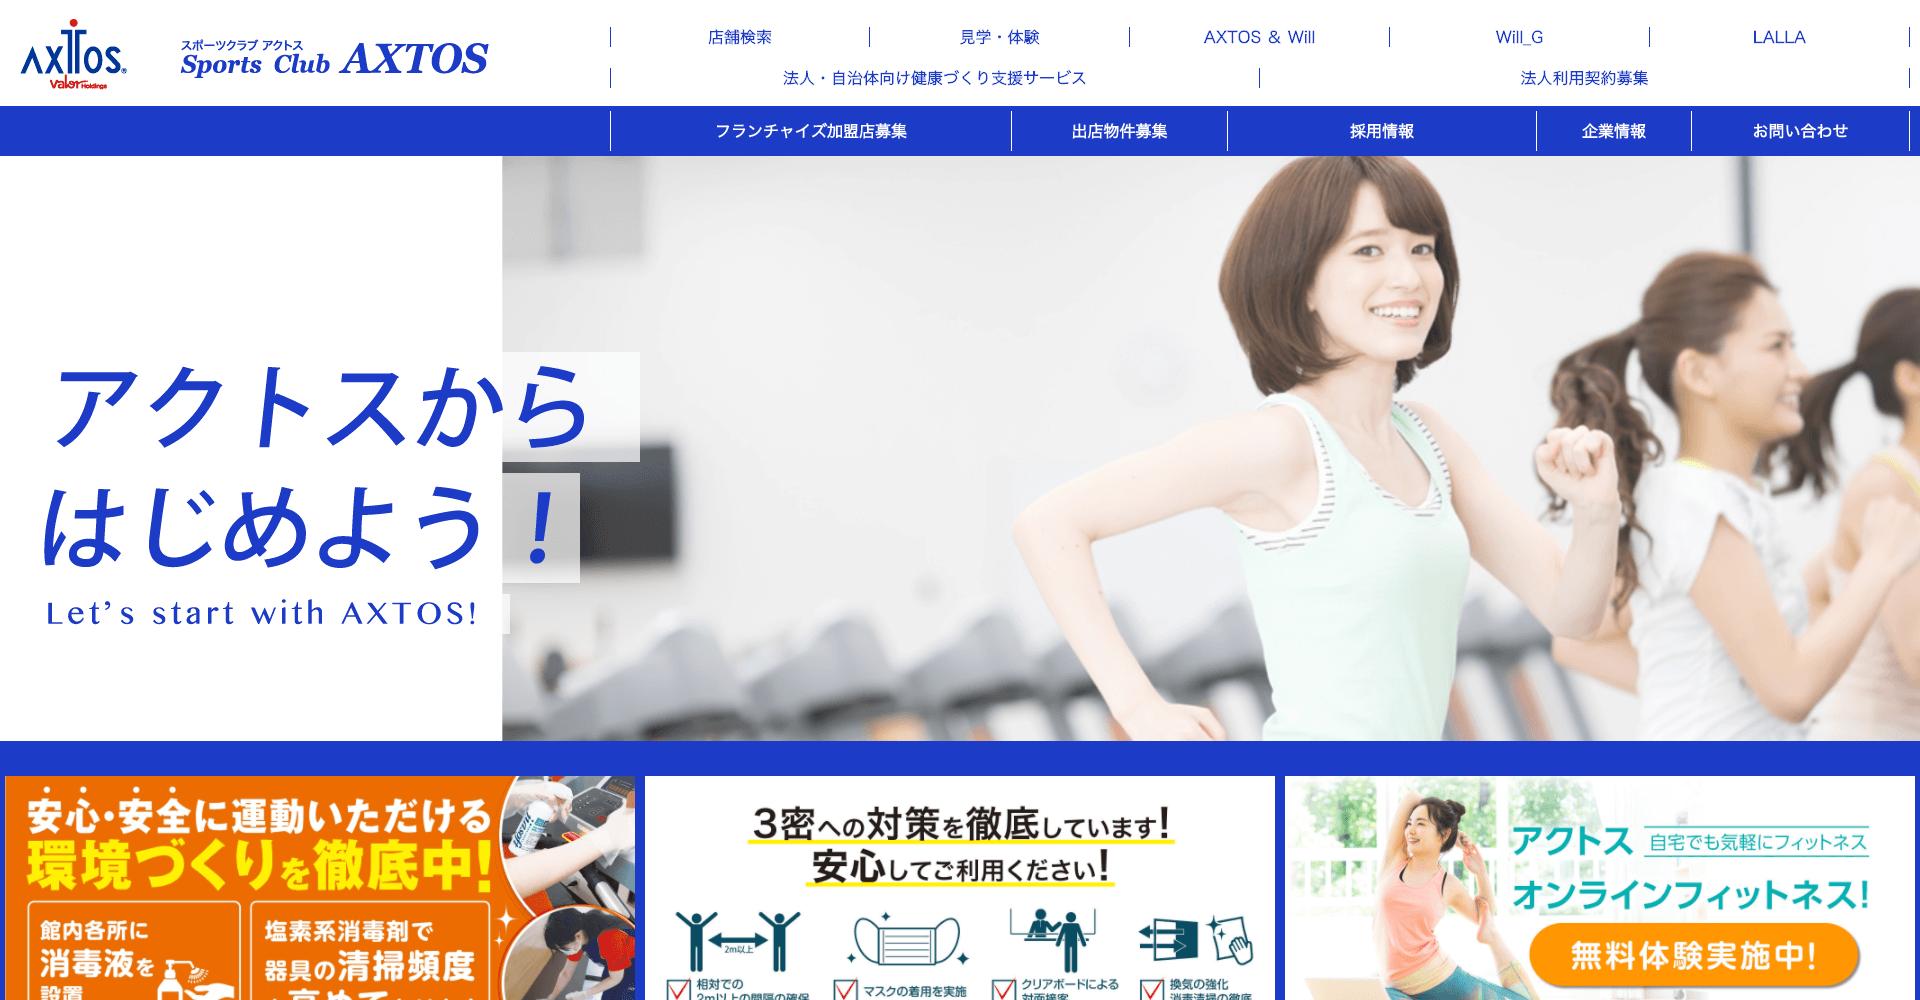 スポーツクラブアクトス浜松